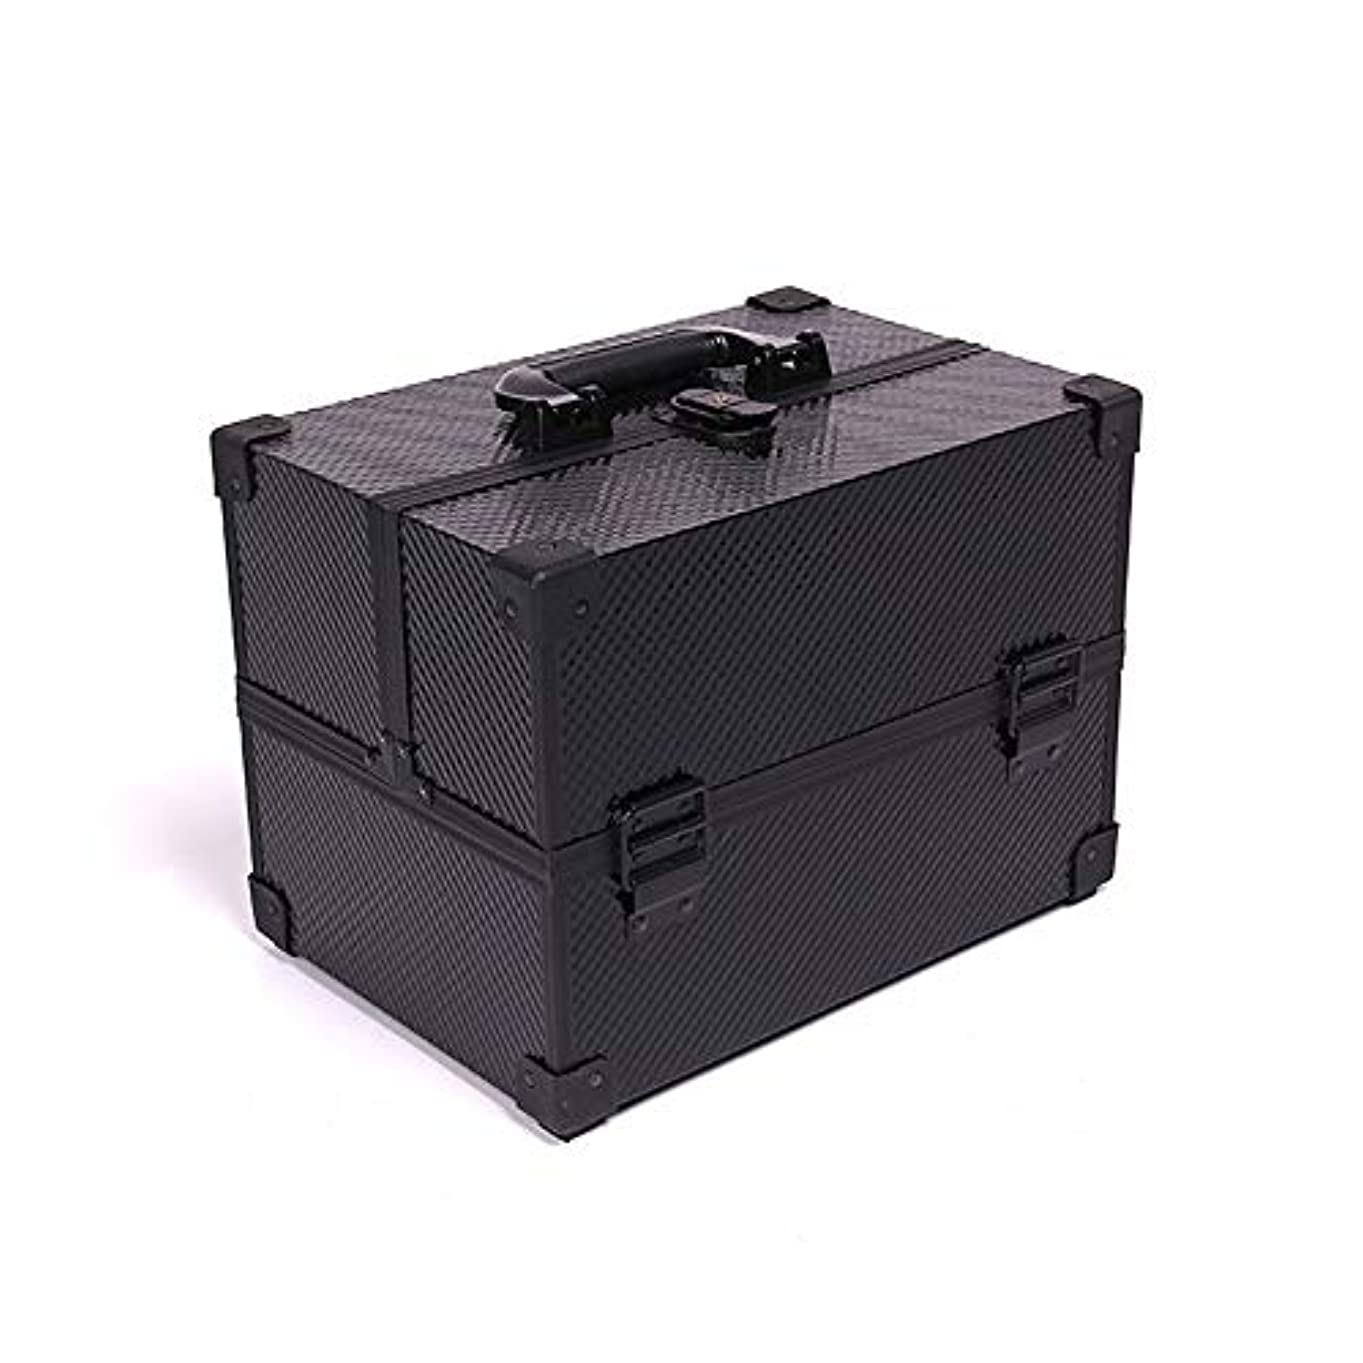 気づかない文庫本水星化粧オーガナイザーバッグ メイクアップボックスアルミケース美容ボックス美容化粧品フェイクレザーブラック 化粧品ケース